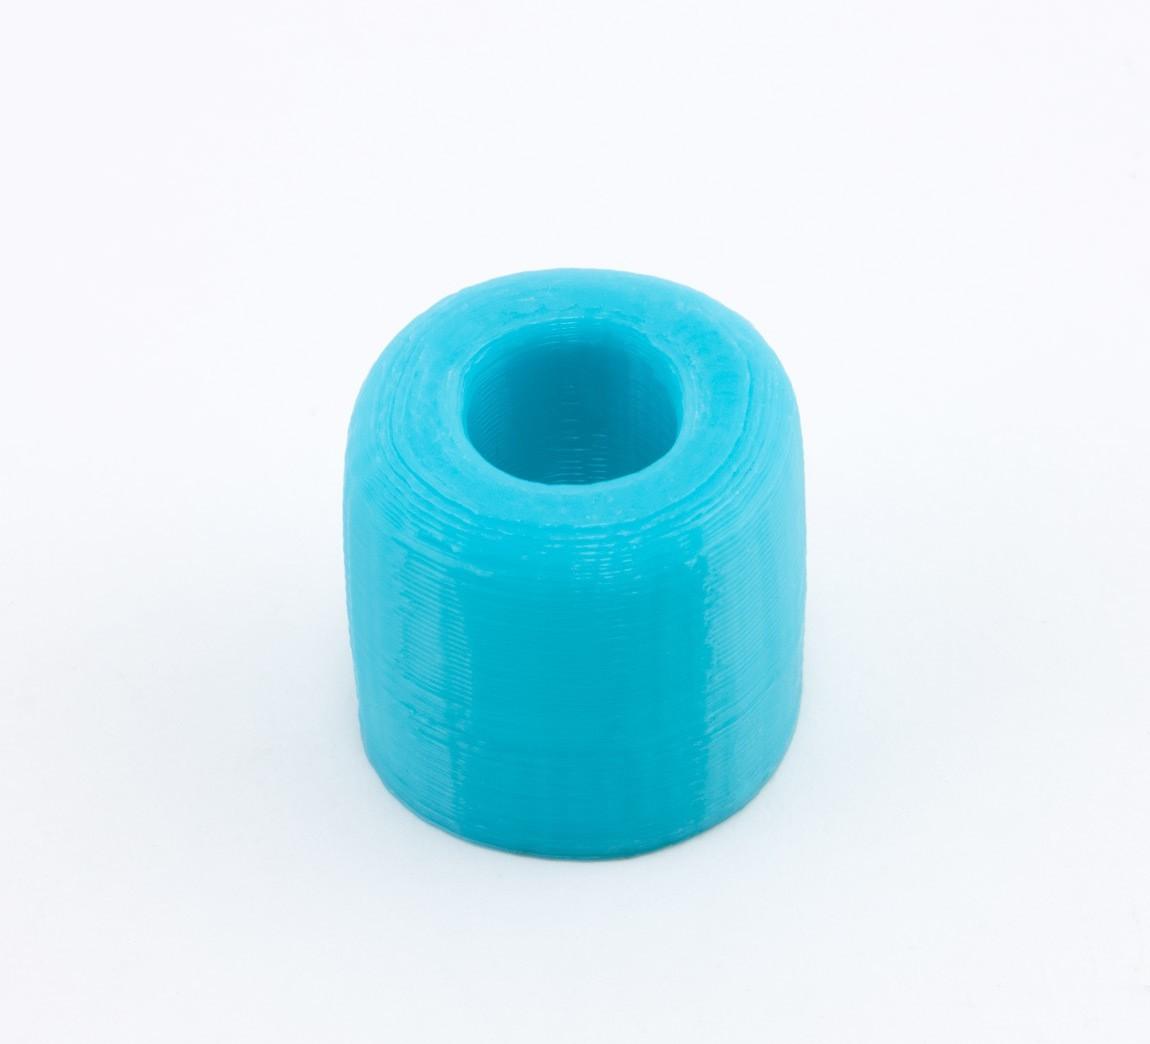 4567d81ce39a1d6fdbf26b9ec684bae5_1443223407362_NMD000165-267_@2x.jpg Download free STL file Desk Sand Garden: Pen Holder • 3D printing object, Terryyy